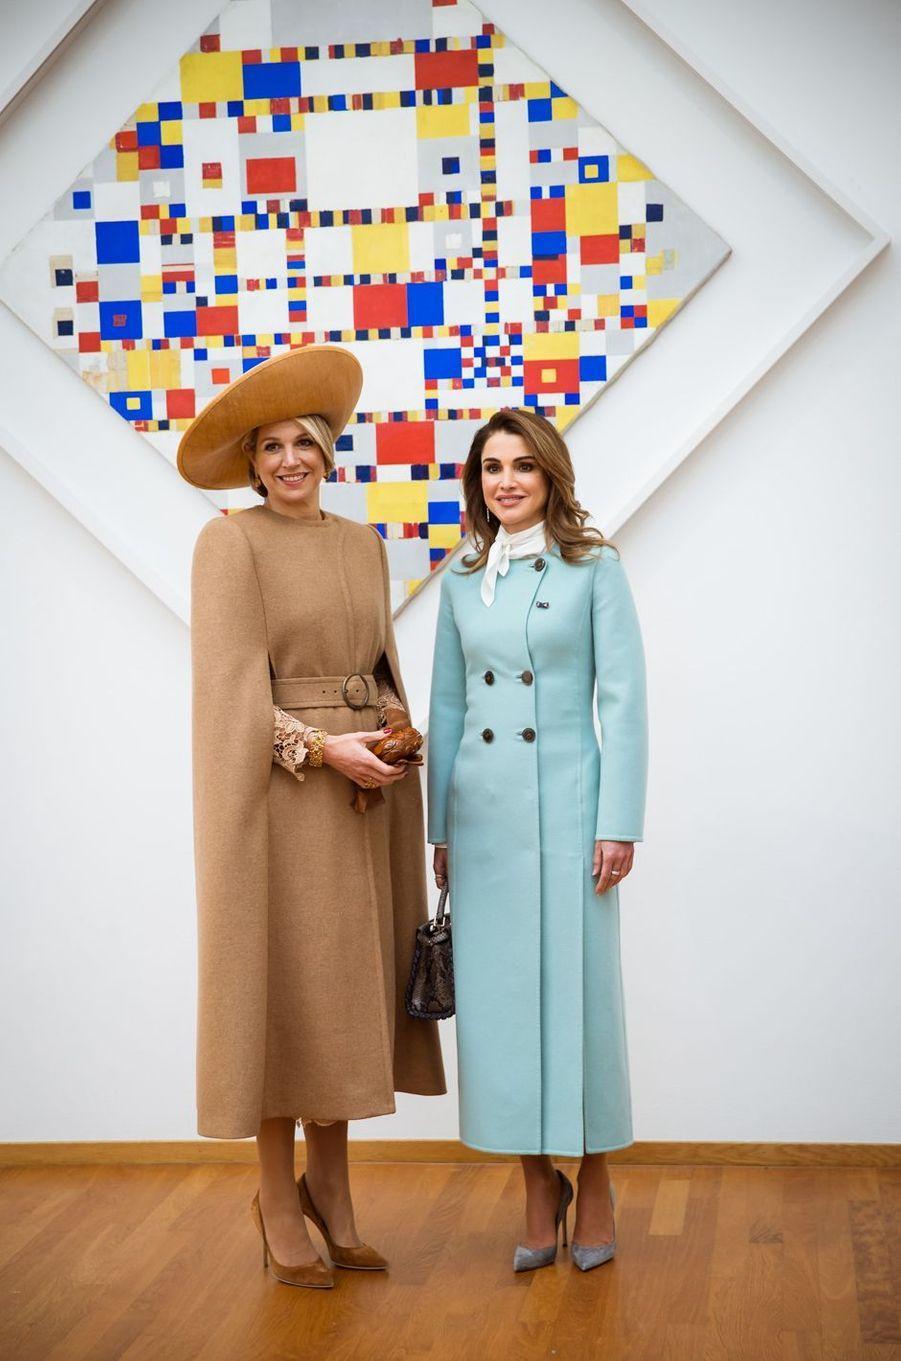 La reine Rania de Jordanie avec la reine Maxima des Pays-Bas, le 20 mars 2018